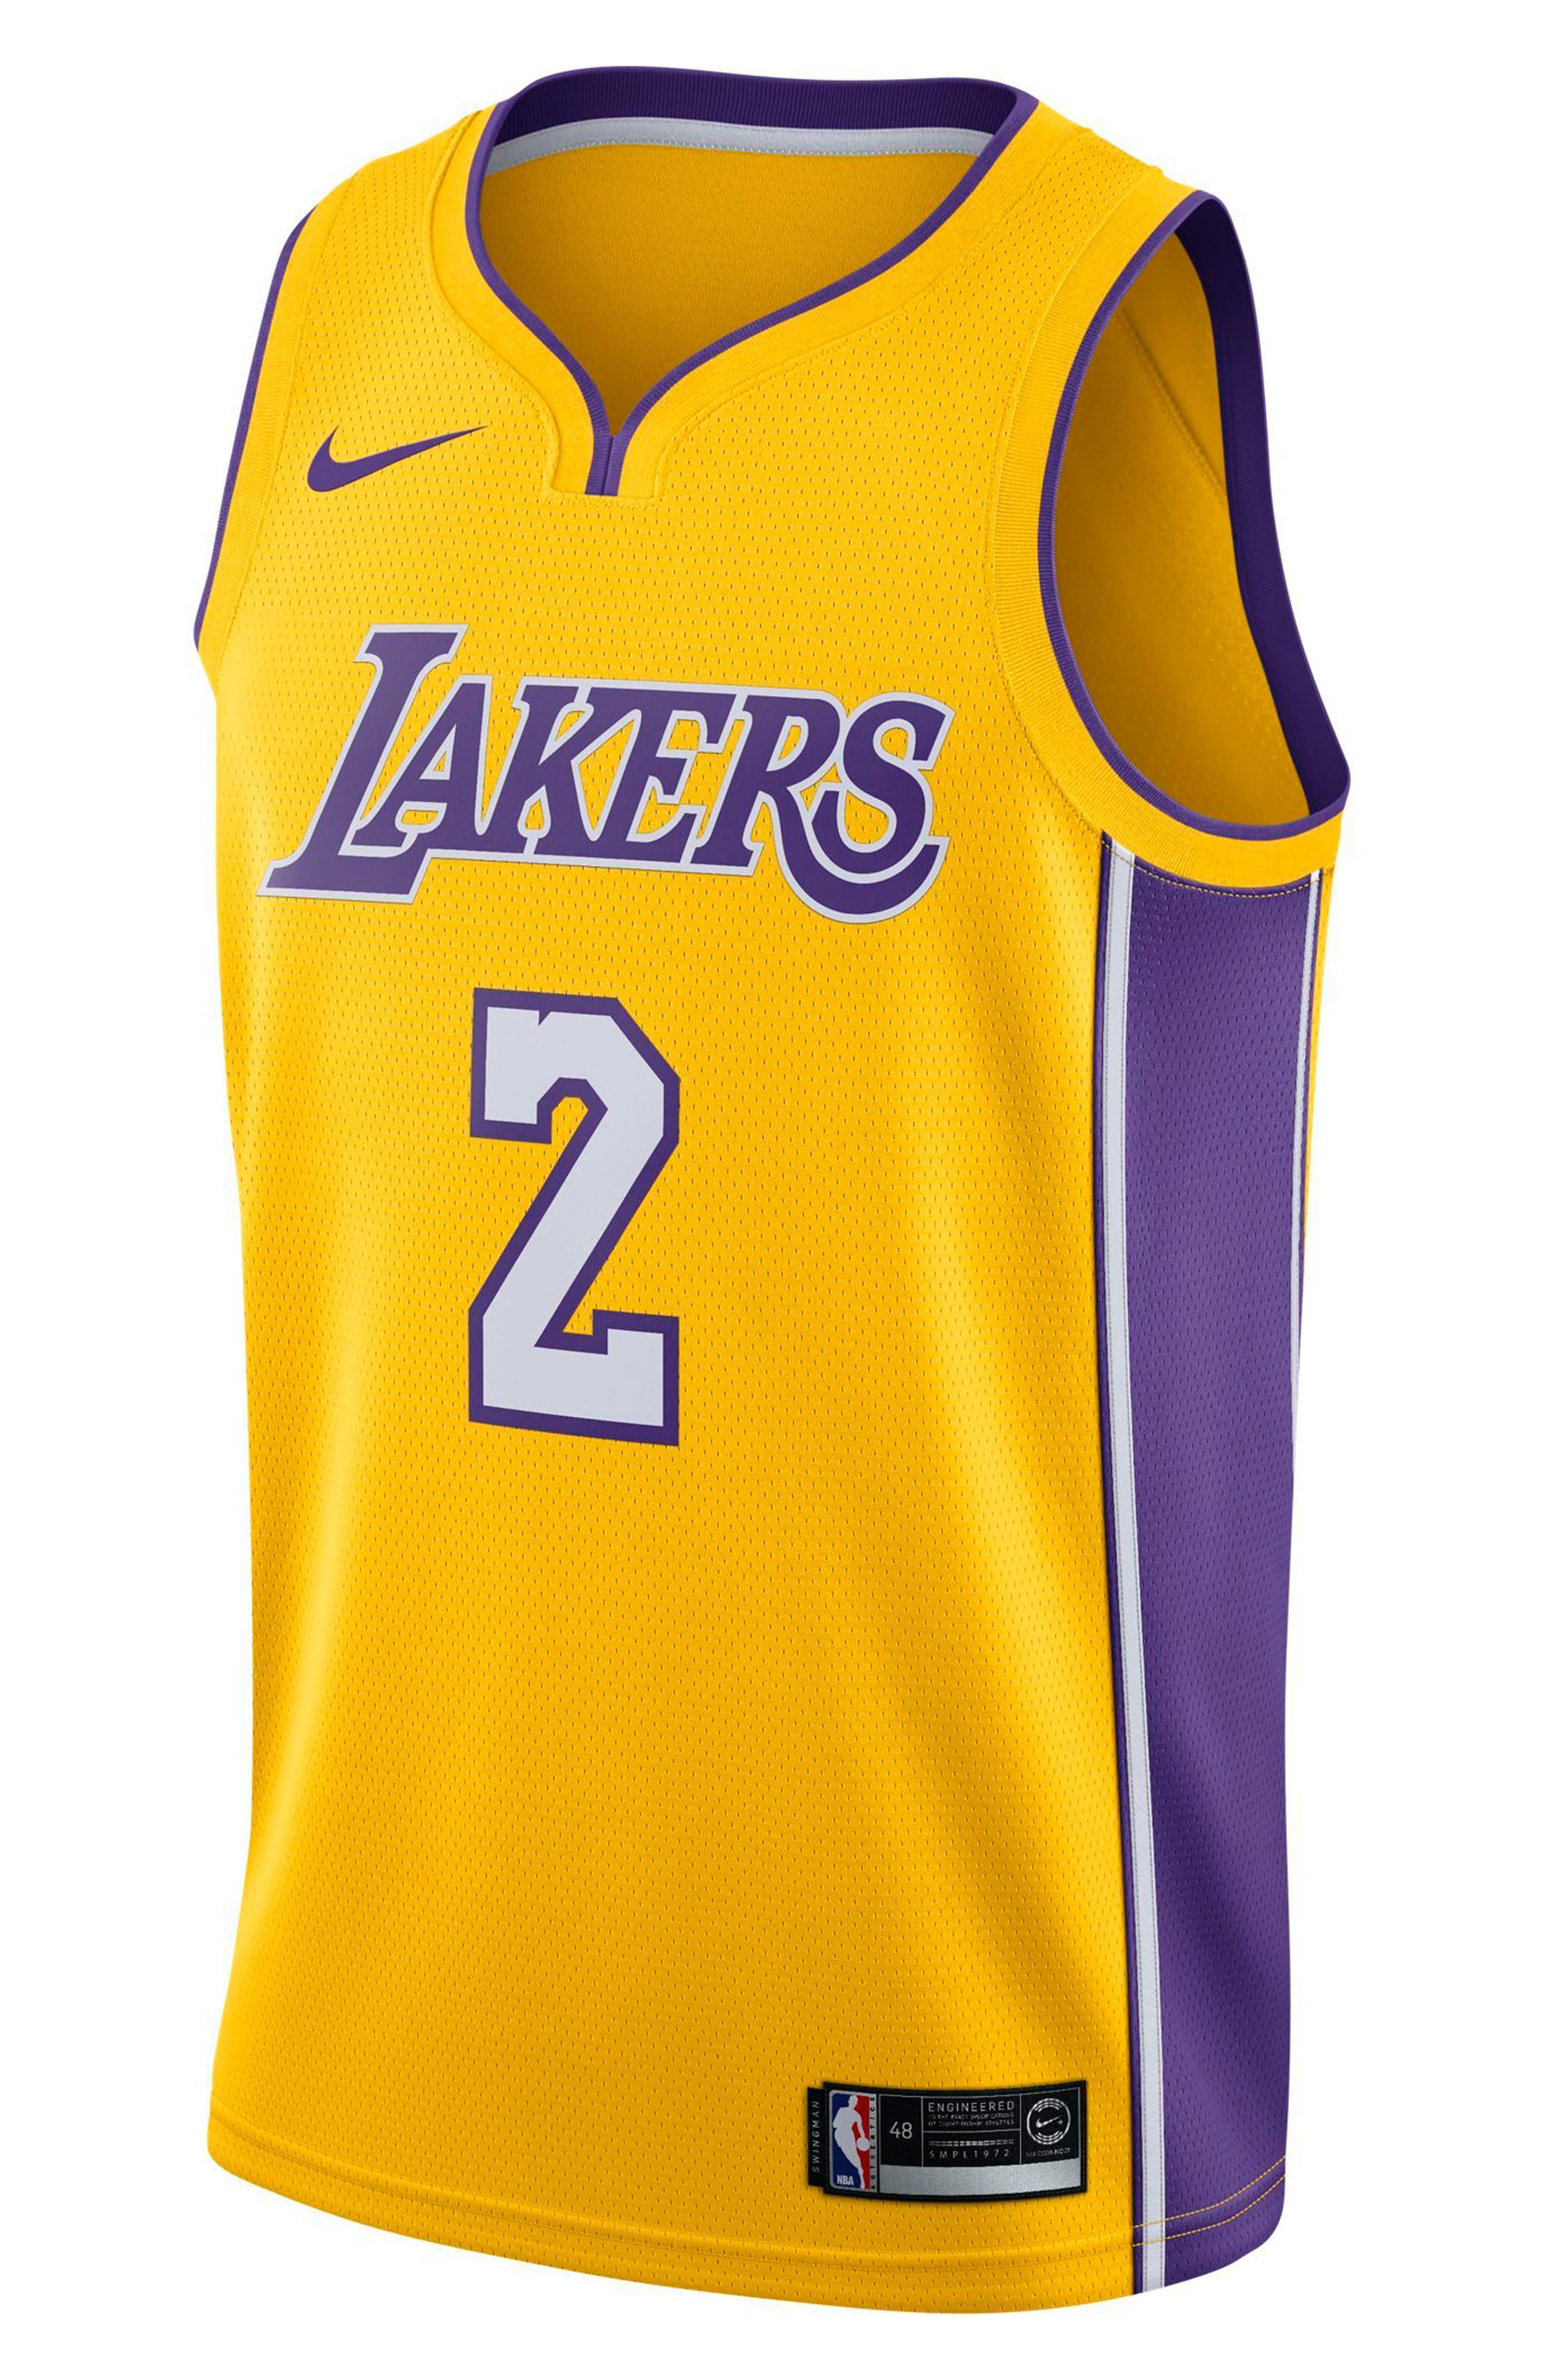 Nike Los Angeles Lakers Nike Association Edition Swingman Men's NBA Jersey